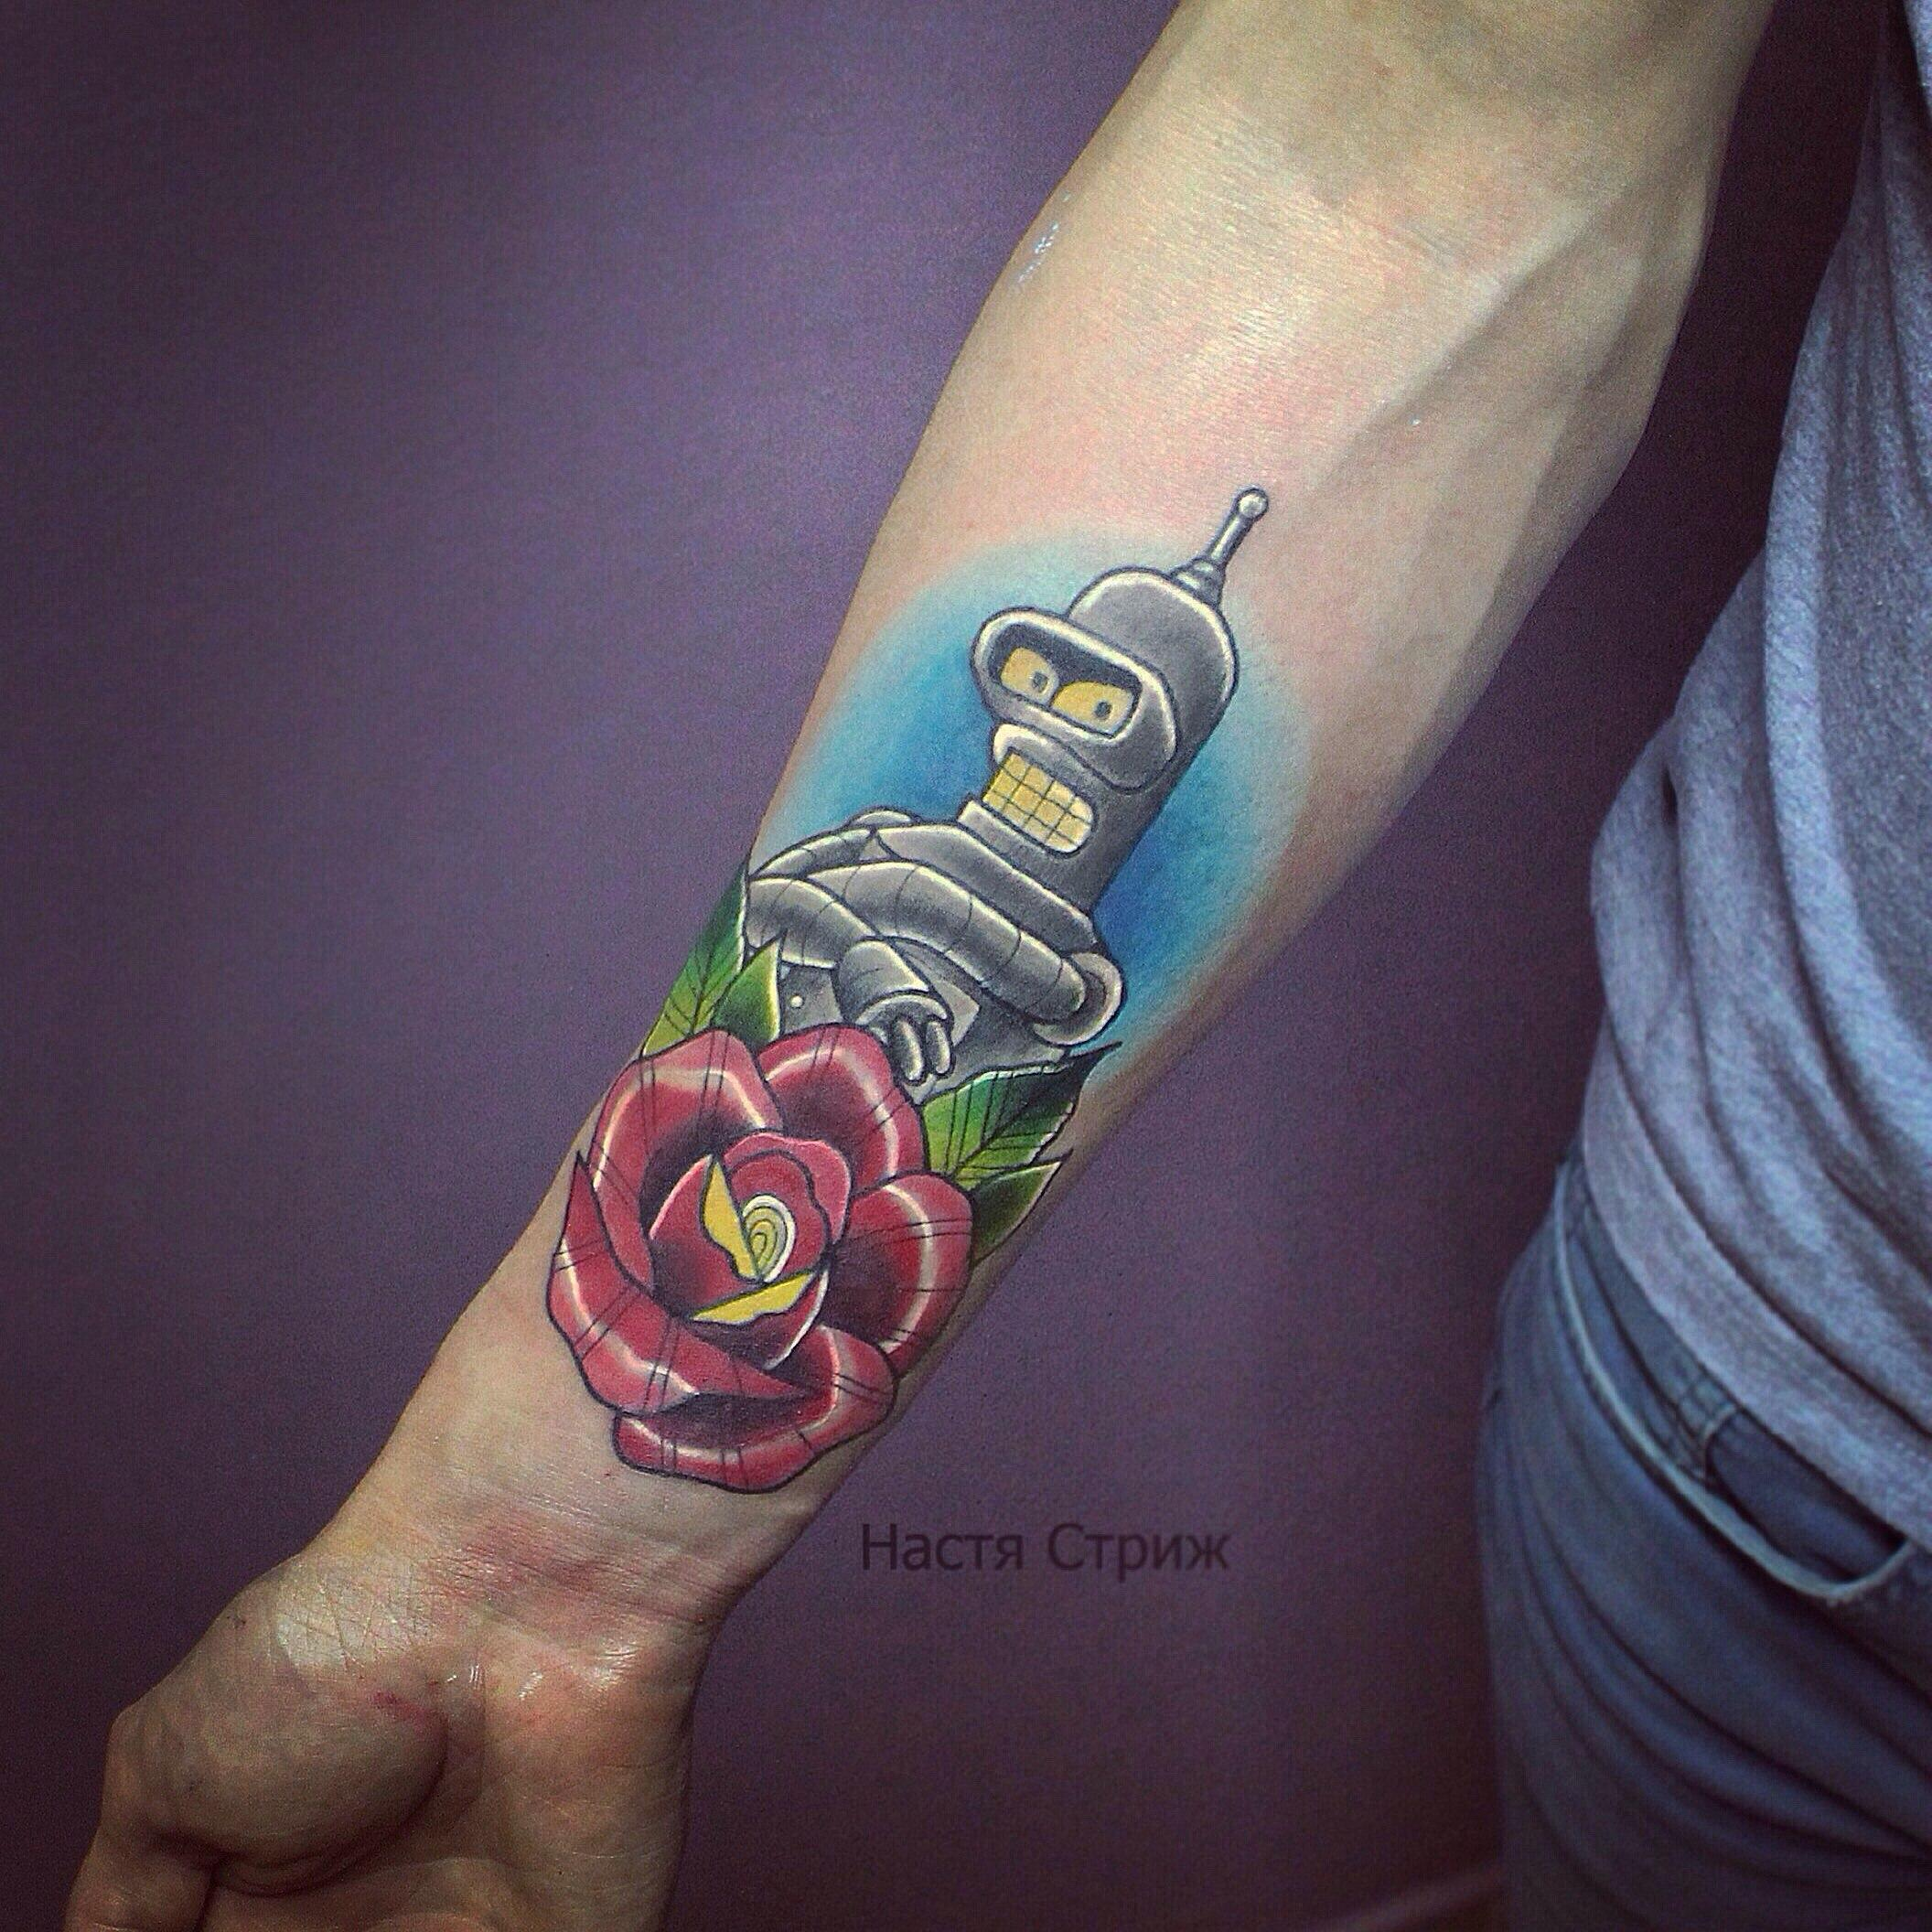 """Художественная татуировка """"Бендэр"""". Мастер Настя Стриж."""